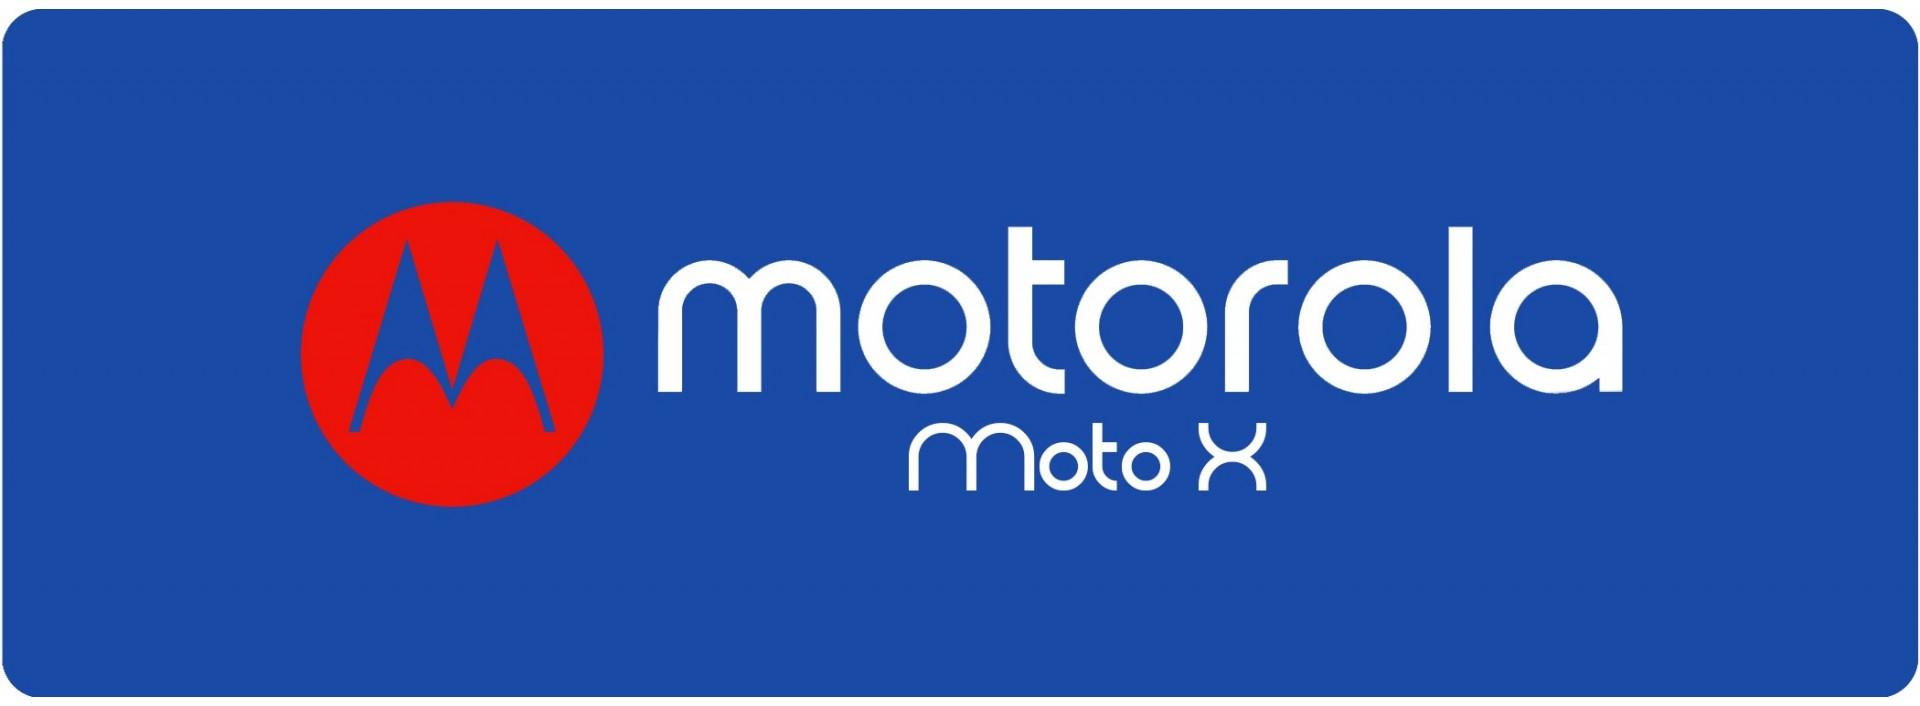 Fundas PERSONALIZADAS Motorola Familia Moto X, Envío Gratis en TMS